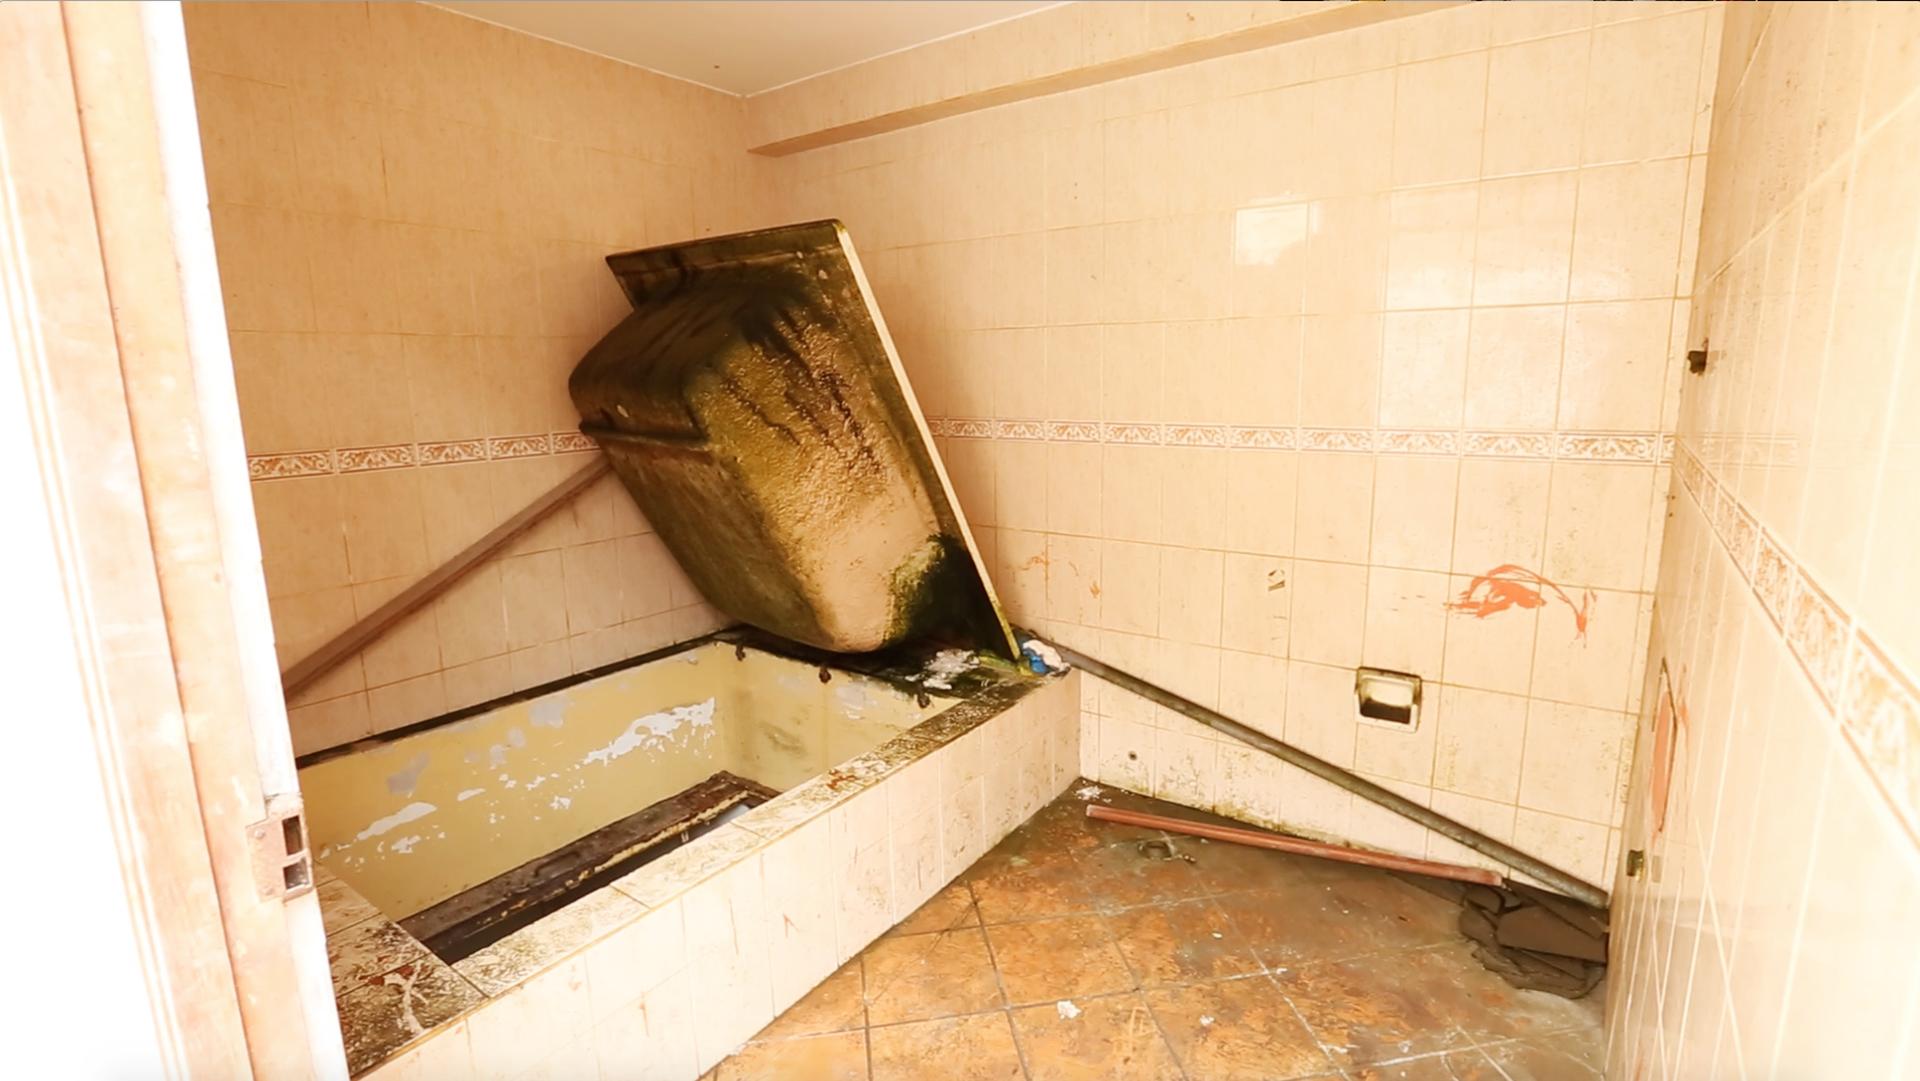 Estos pasadizos subterráneos, a los que se podía acceder debajo de tinas falsas, jardines y al lado de la piscina, estaban reforzados con planchas de acero